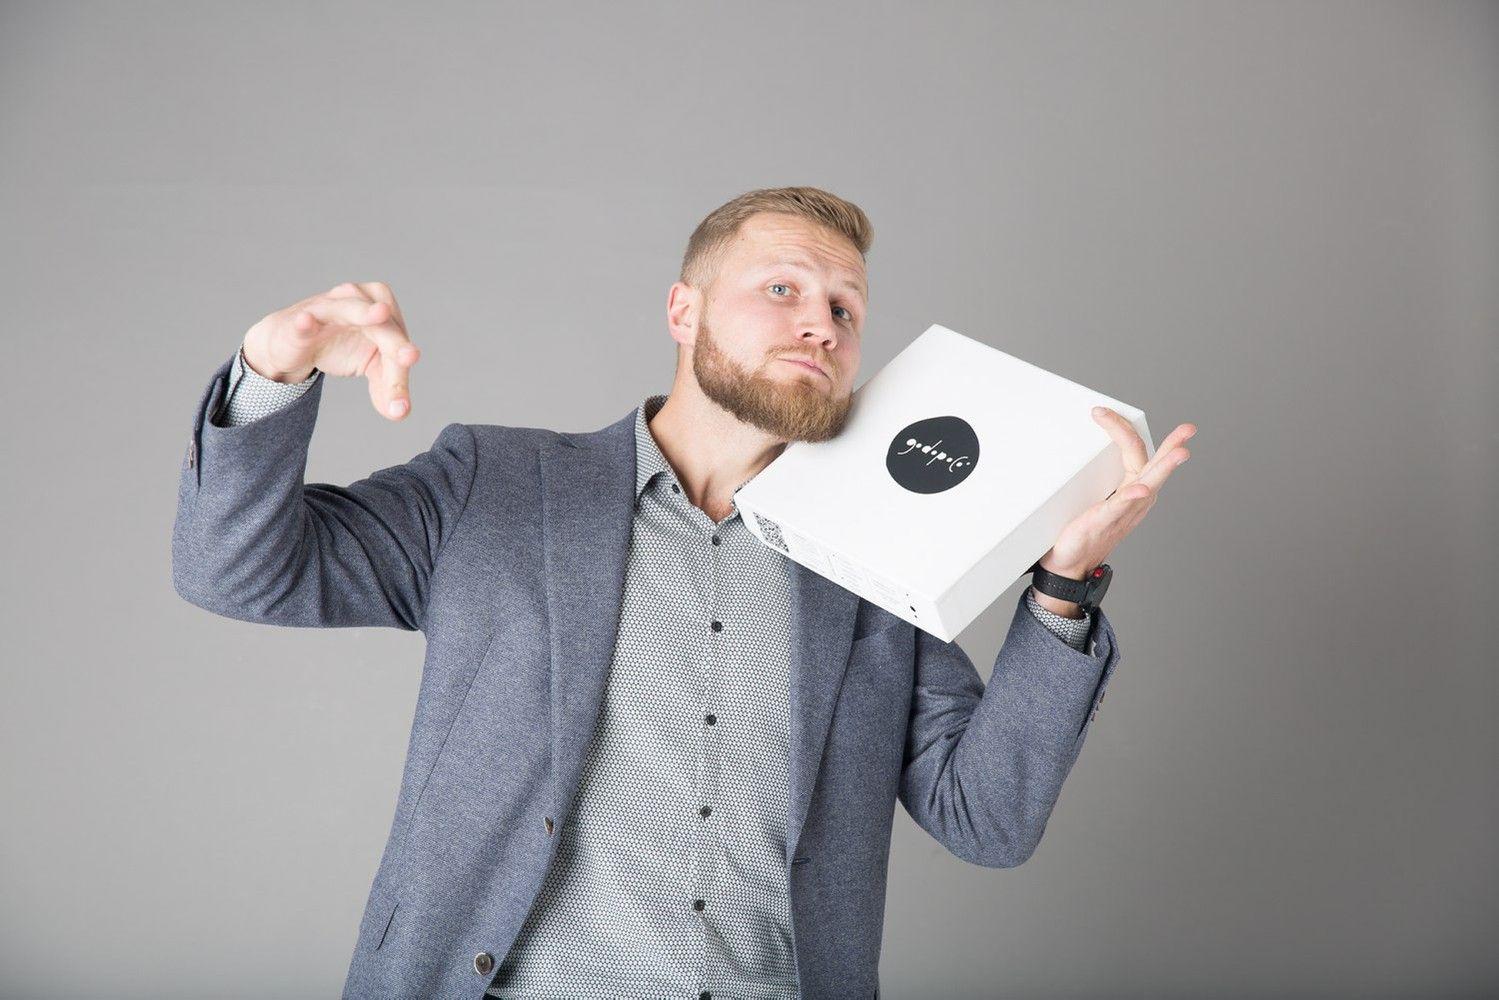 Profesionalios treniruotės verslui: kaip efektyviai keistis informacija